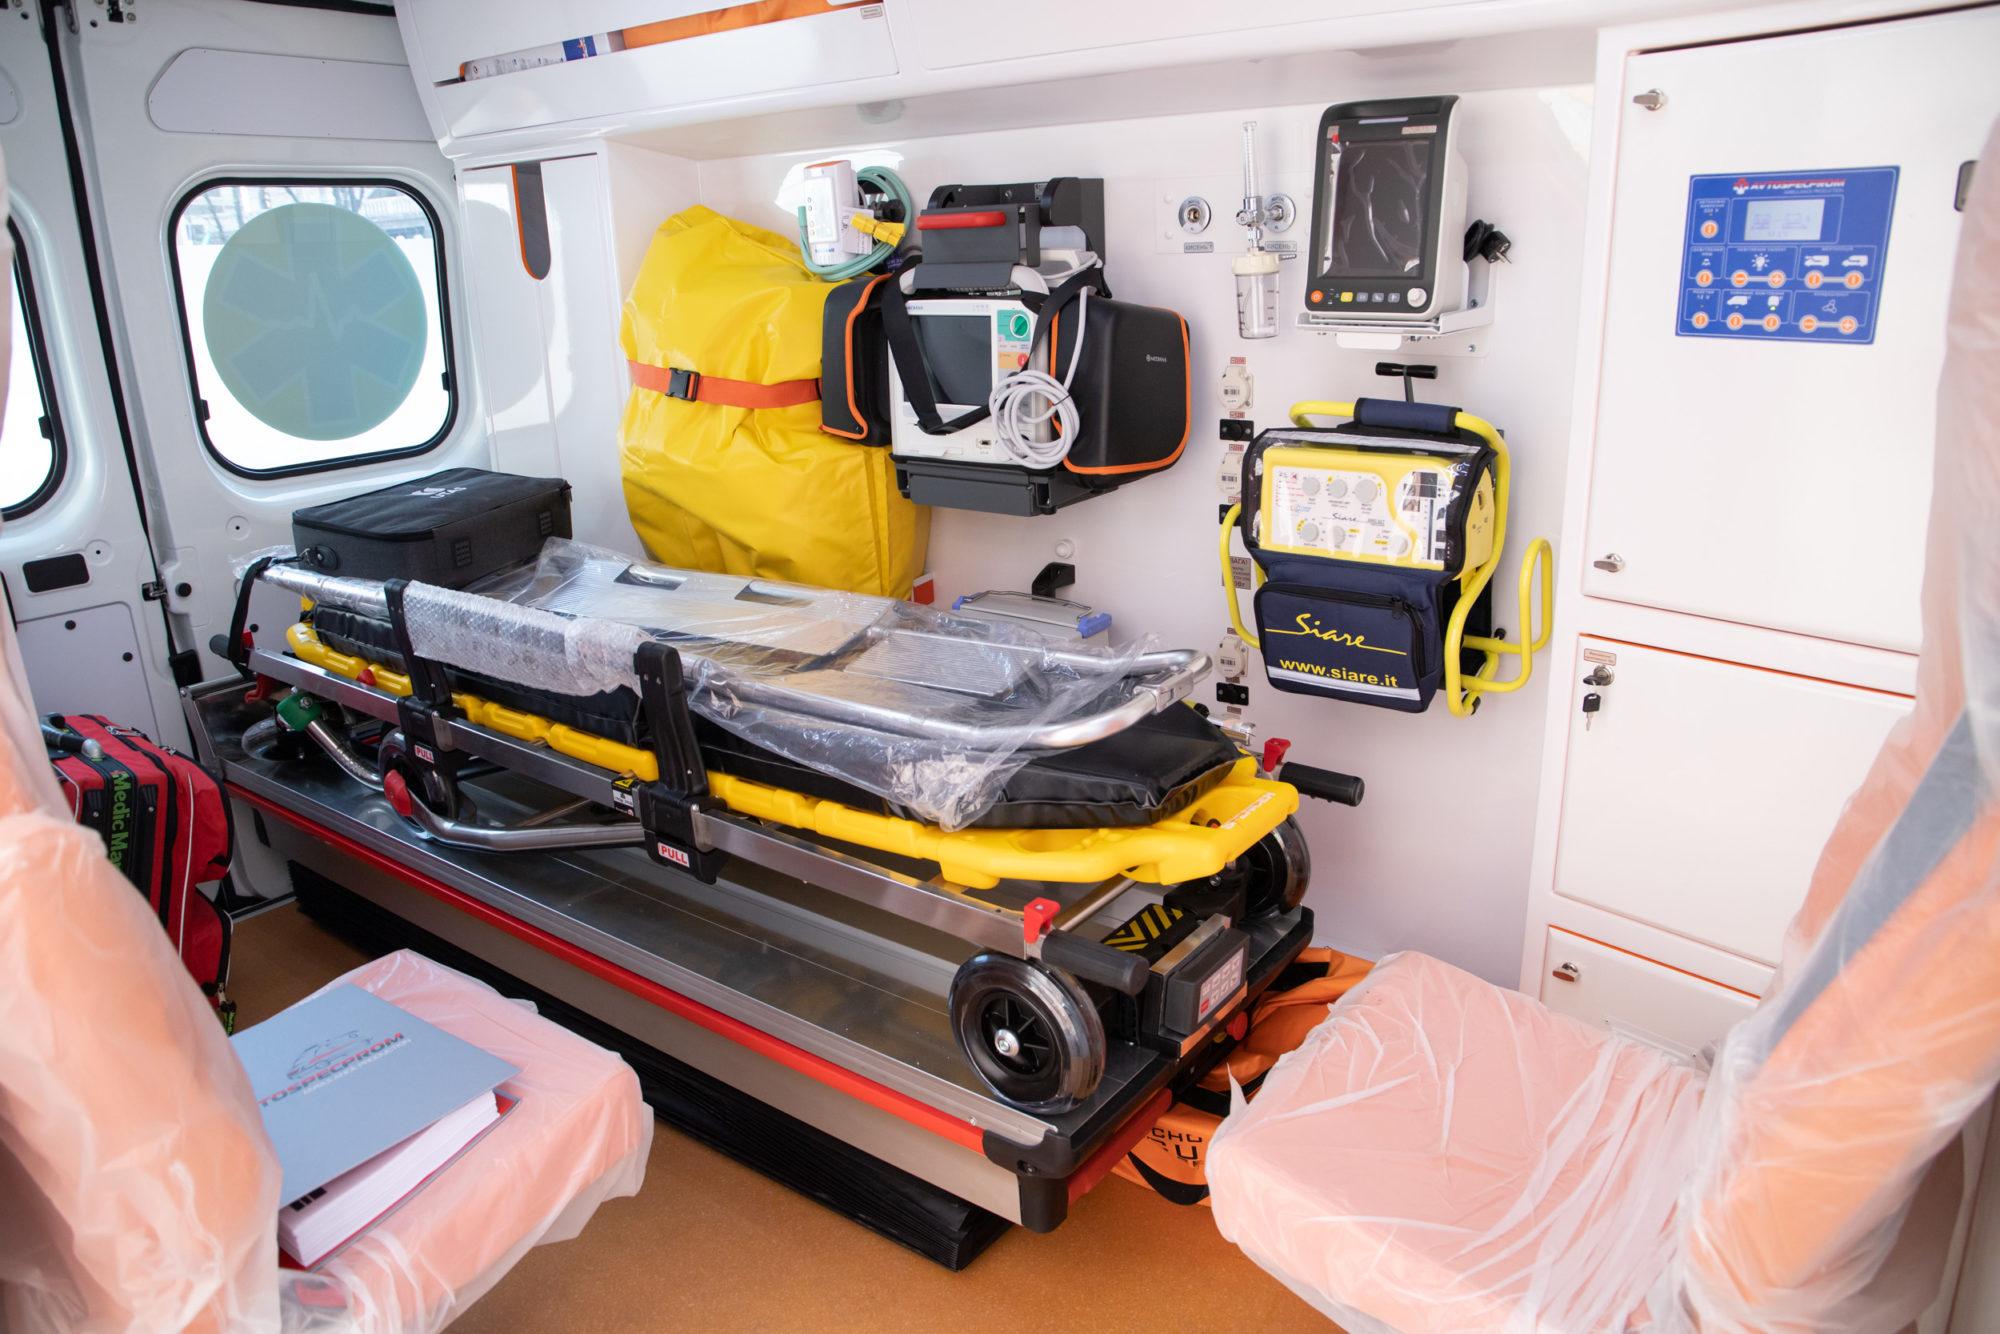 Медики столиці отримали від Віталія Кличка 39 нових «швидких» та 2 експрес-лабораторії для діагностування коронавірусу - коронавірус, Київ - imgbig 2 2 2000x1334